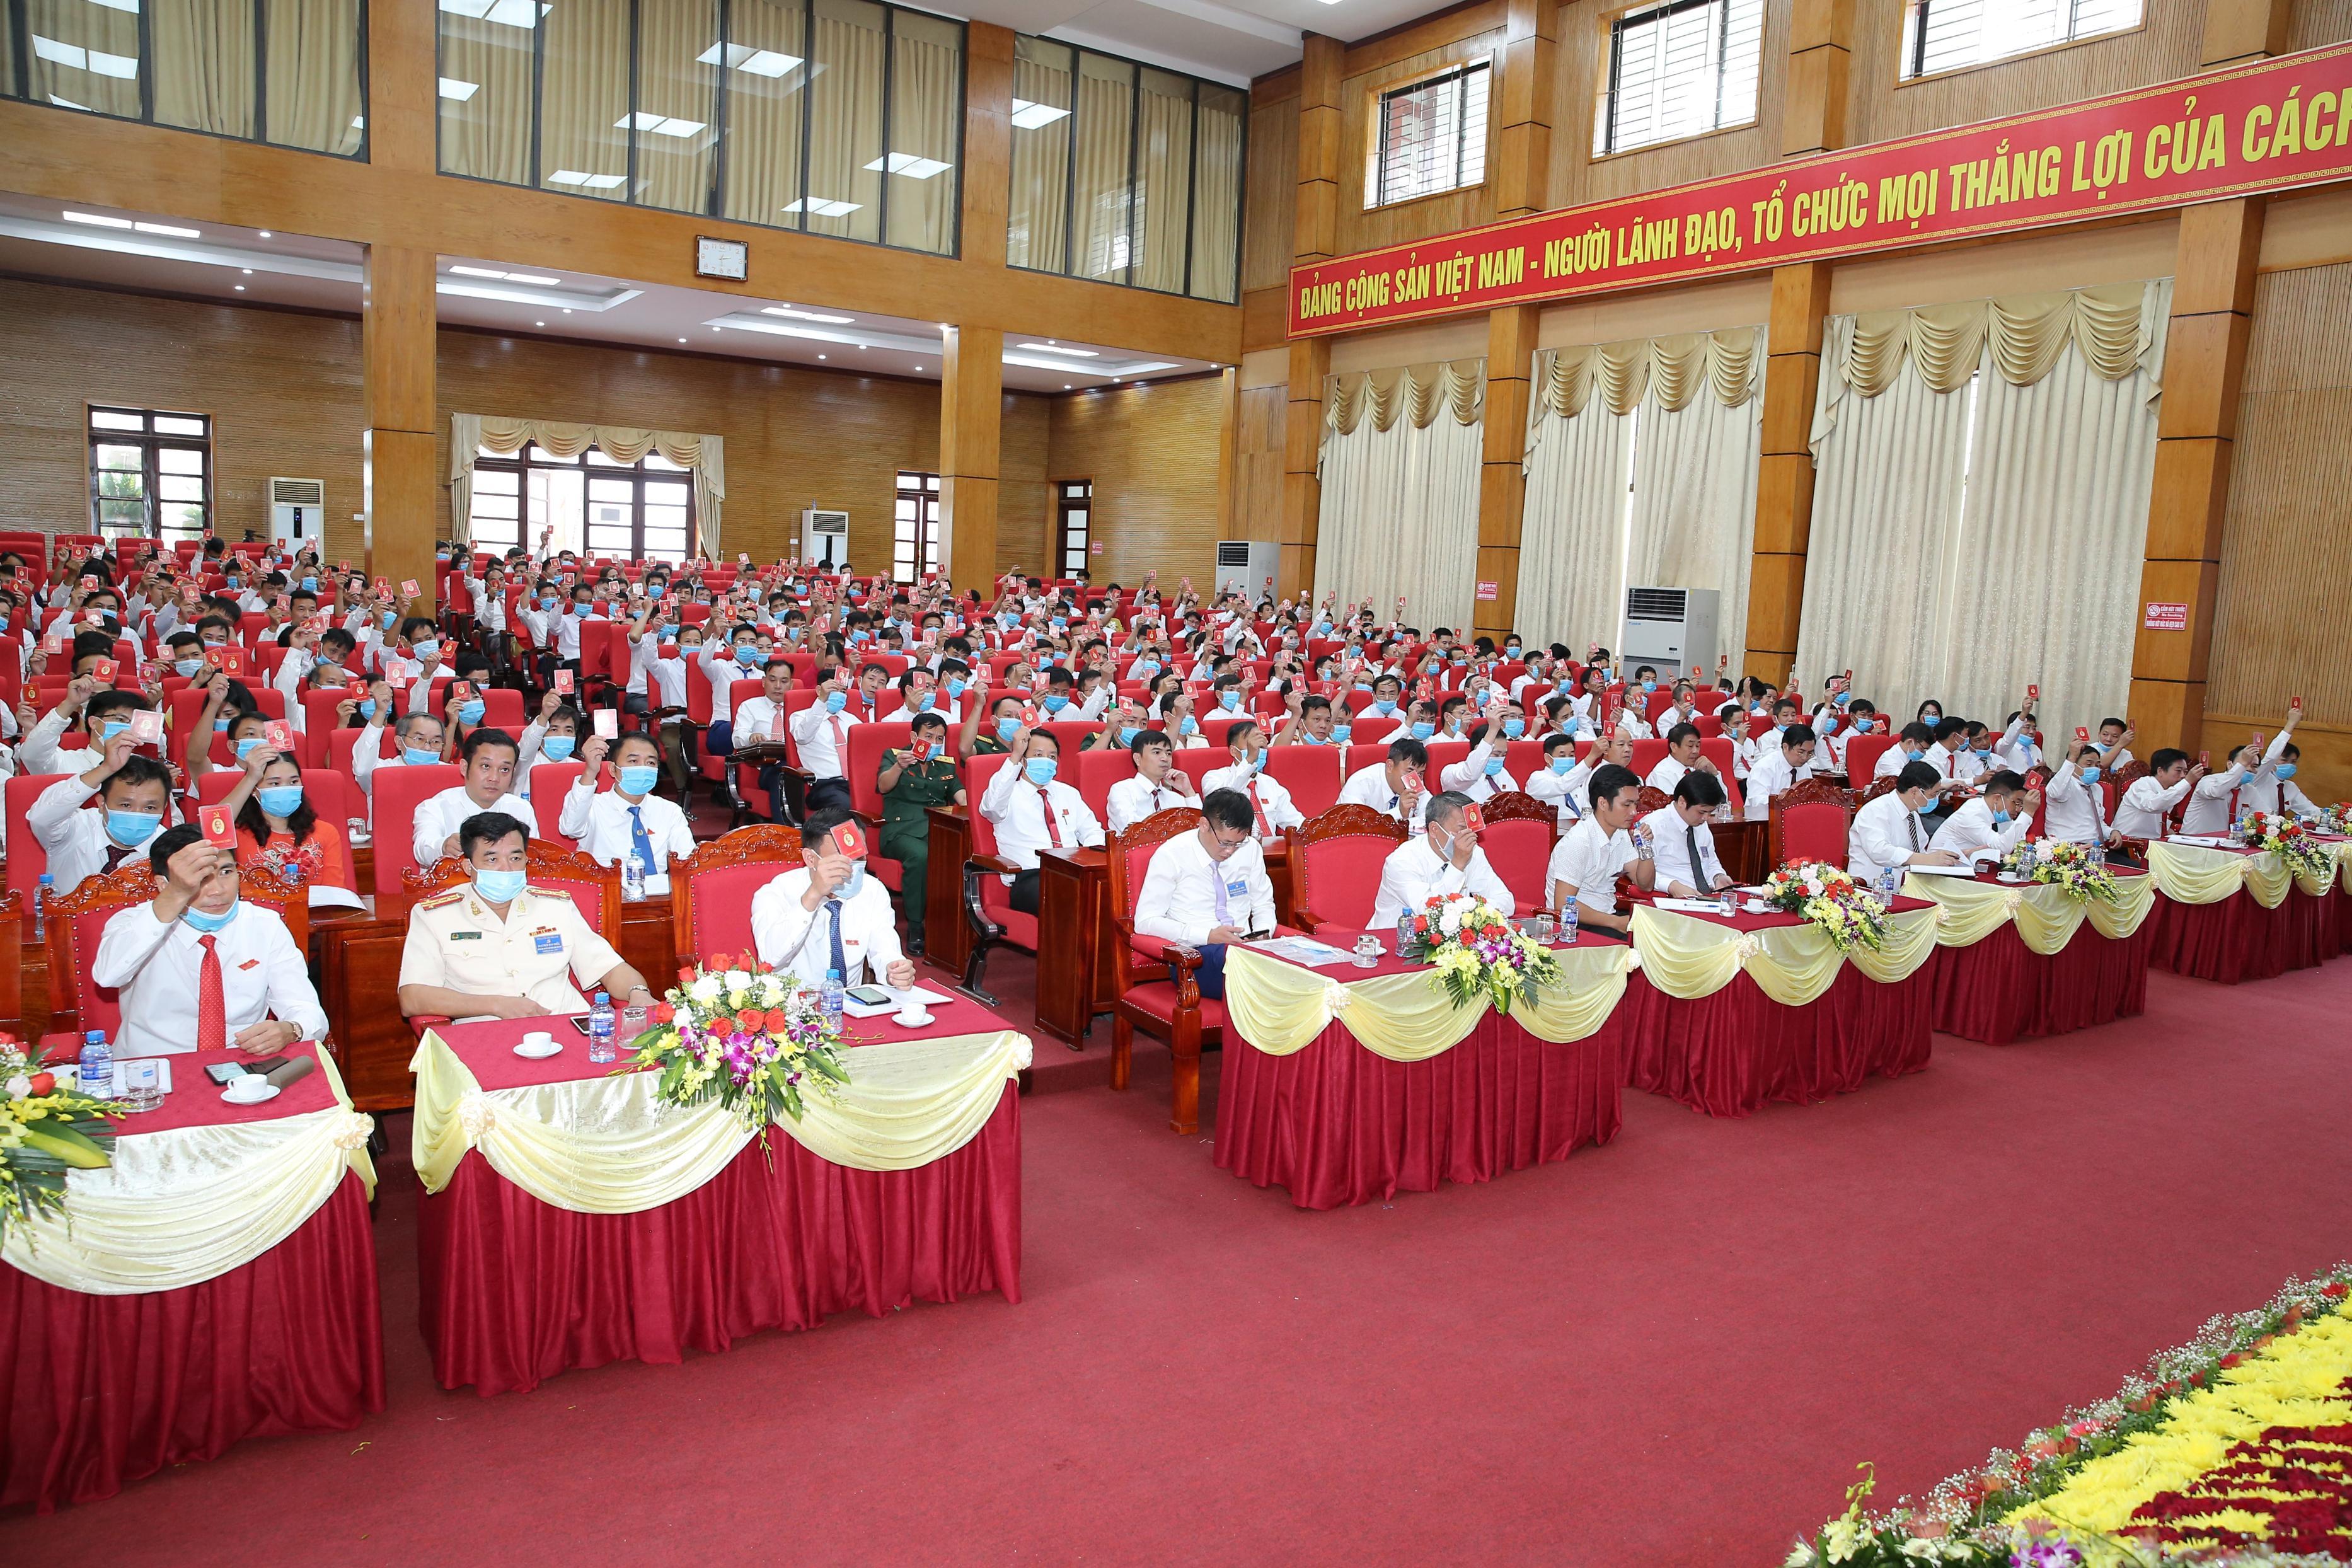 Đại hội biểu quyết thông qua tờ trình nhân sự BCH Đảng bộ huyện nhiệm kỳ 2020-2025